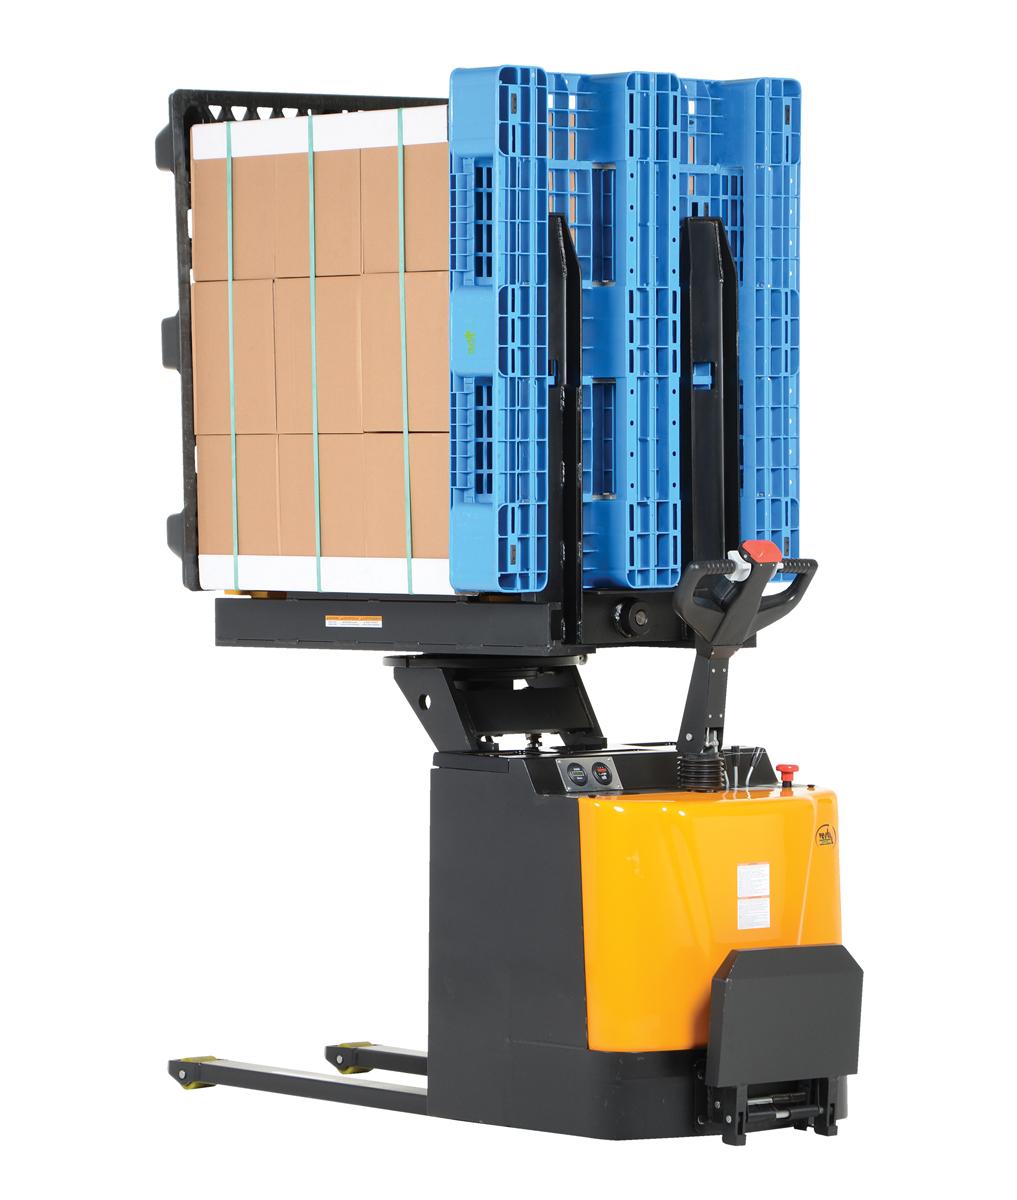 PI-P-4400-3254